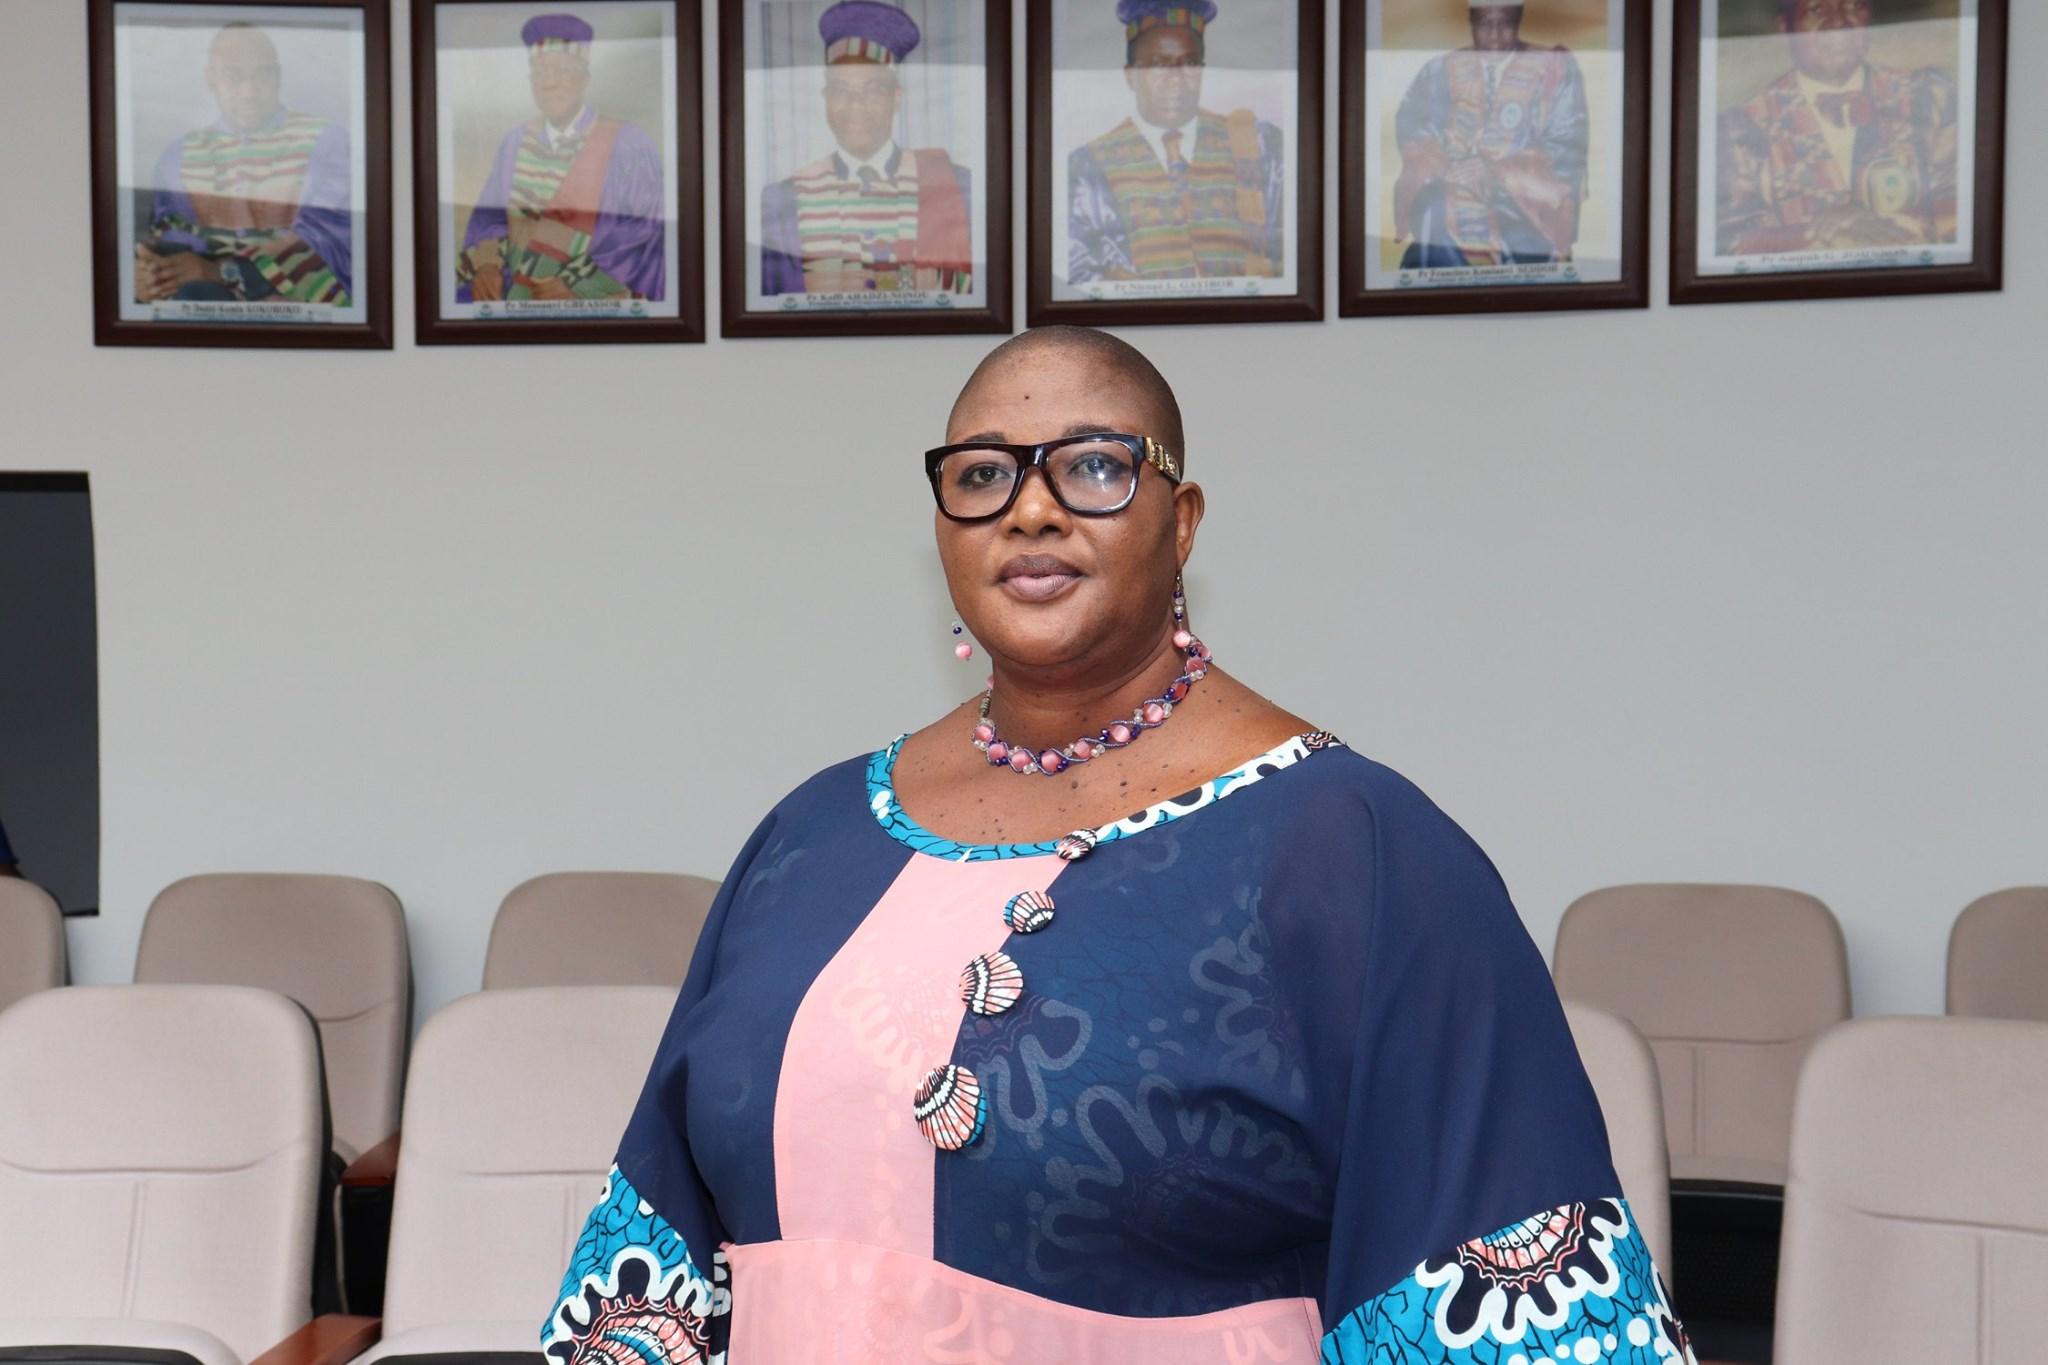 Denise Yawa Uzem Mensah obtient son baccalauréat à 51 ans